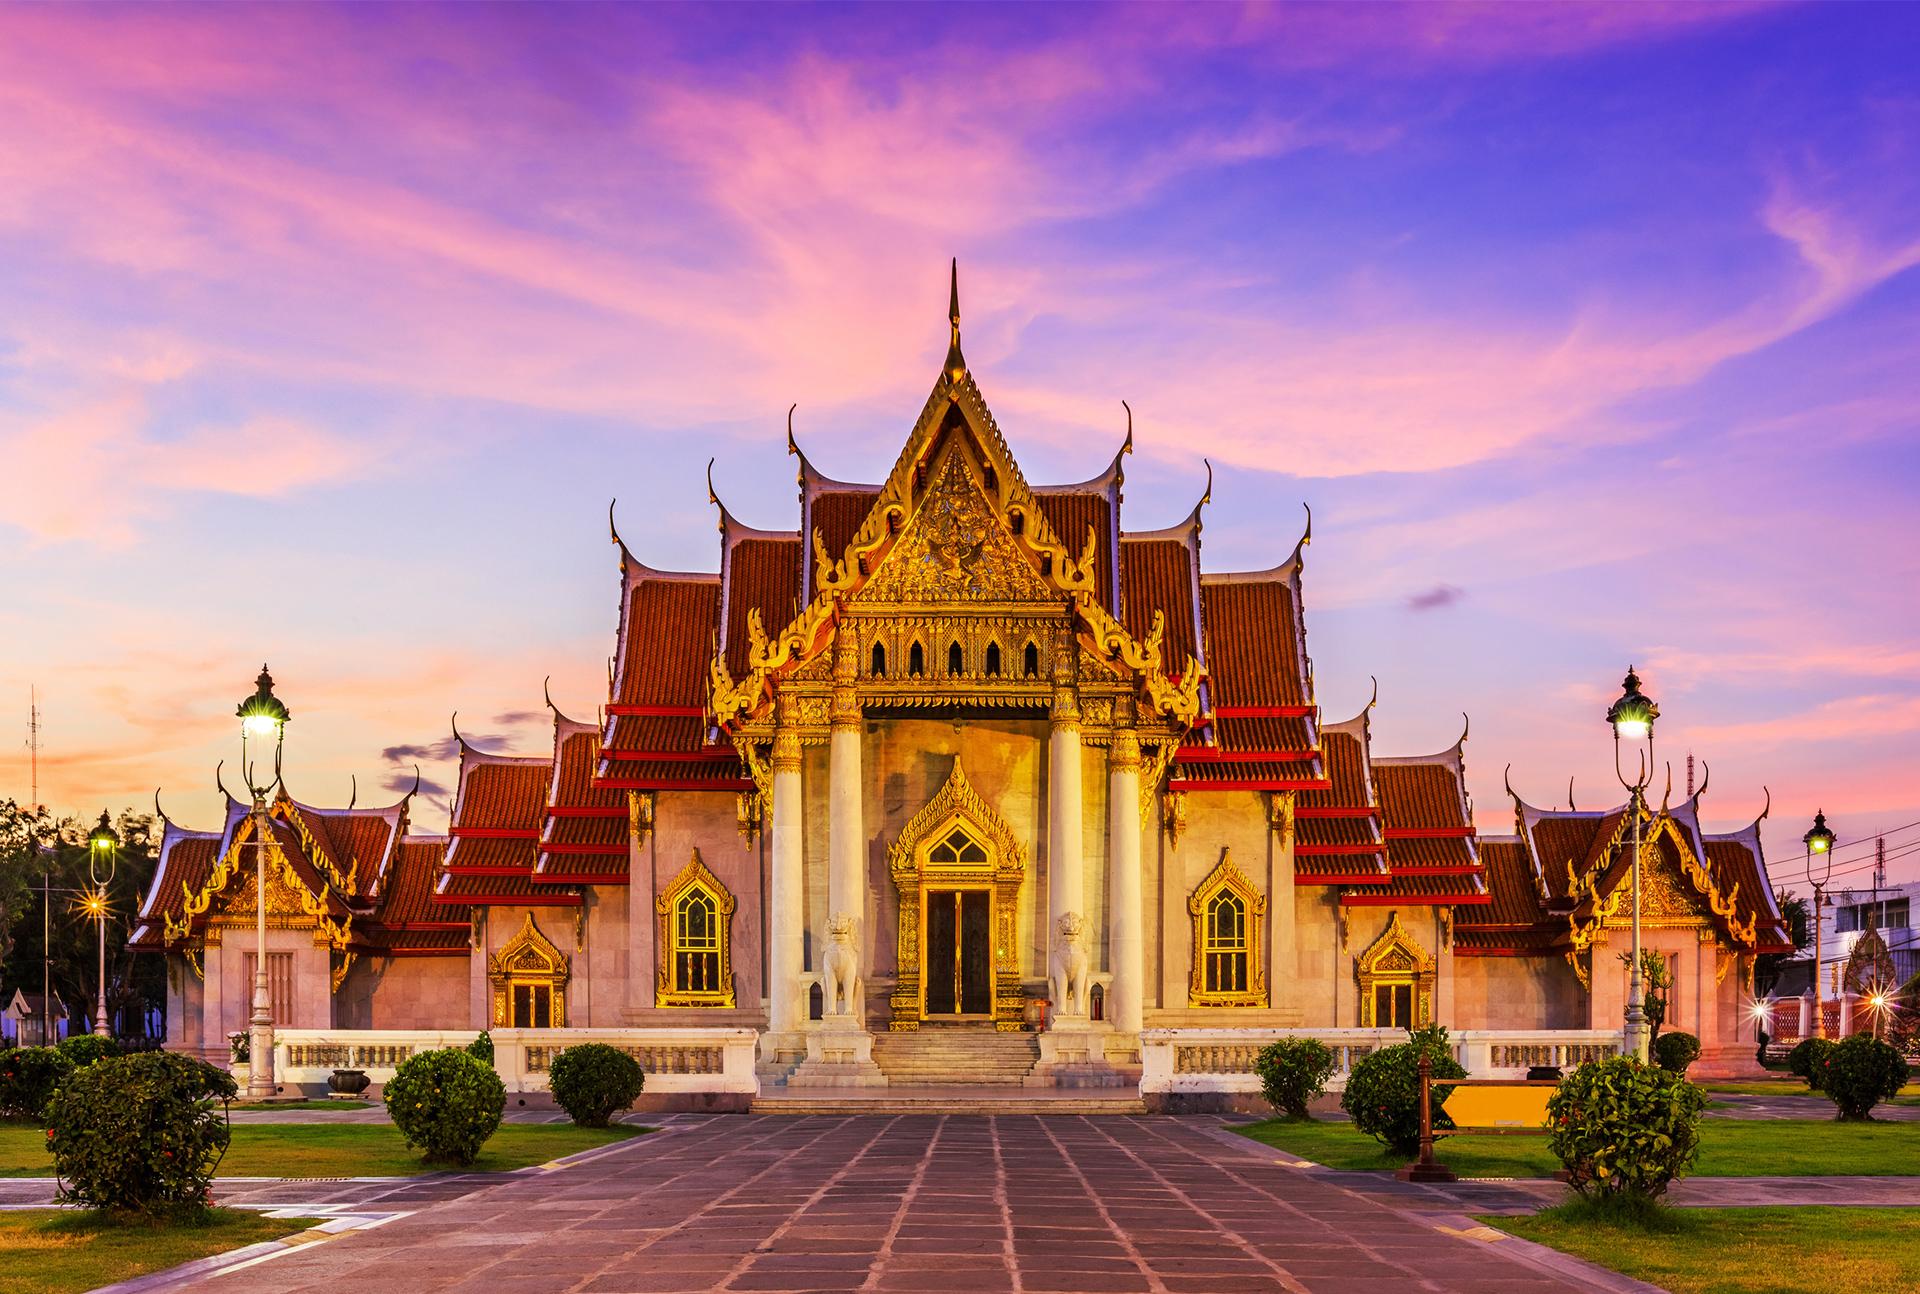 泰曼雅-泰国曼谷+芭堤雅5晚7天百变自由行